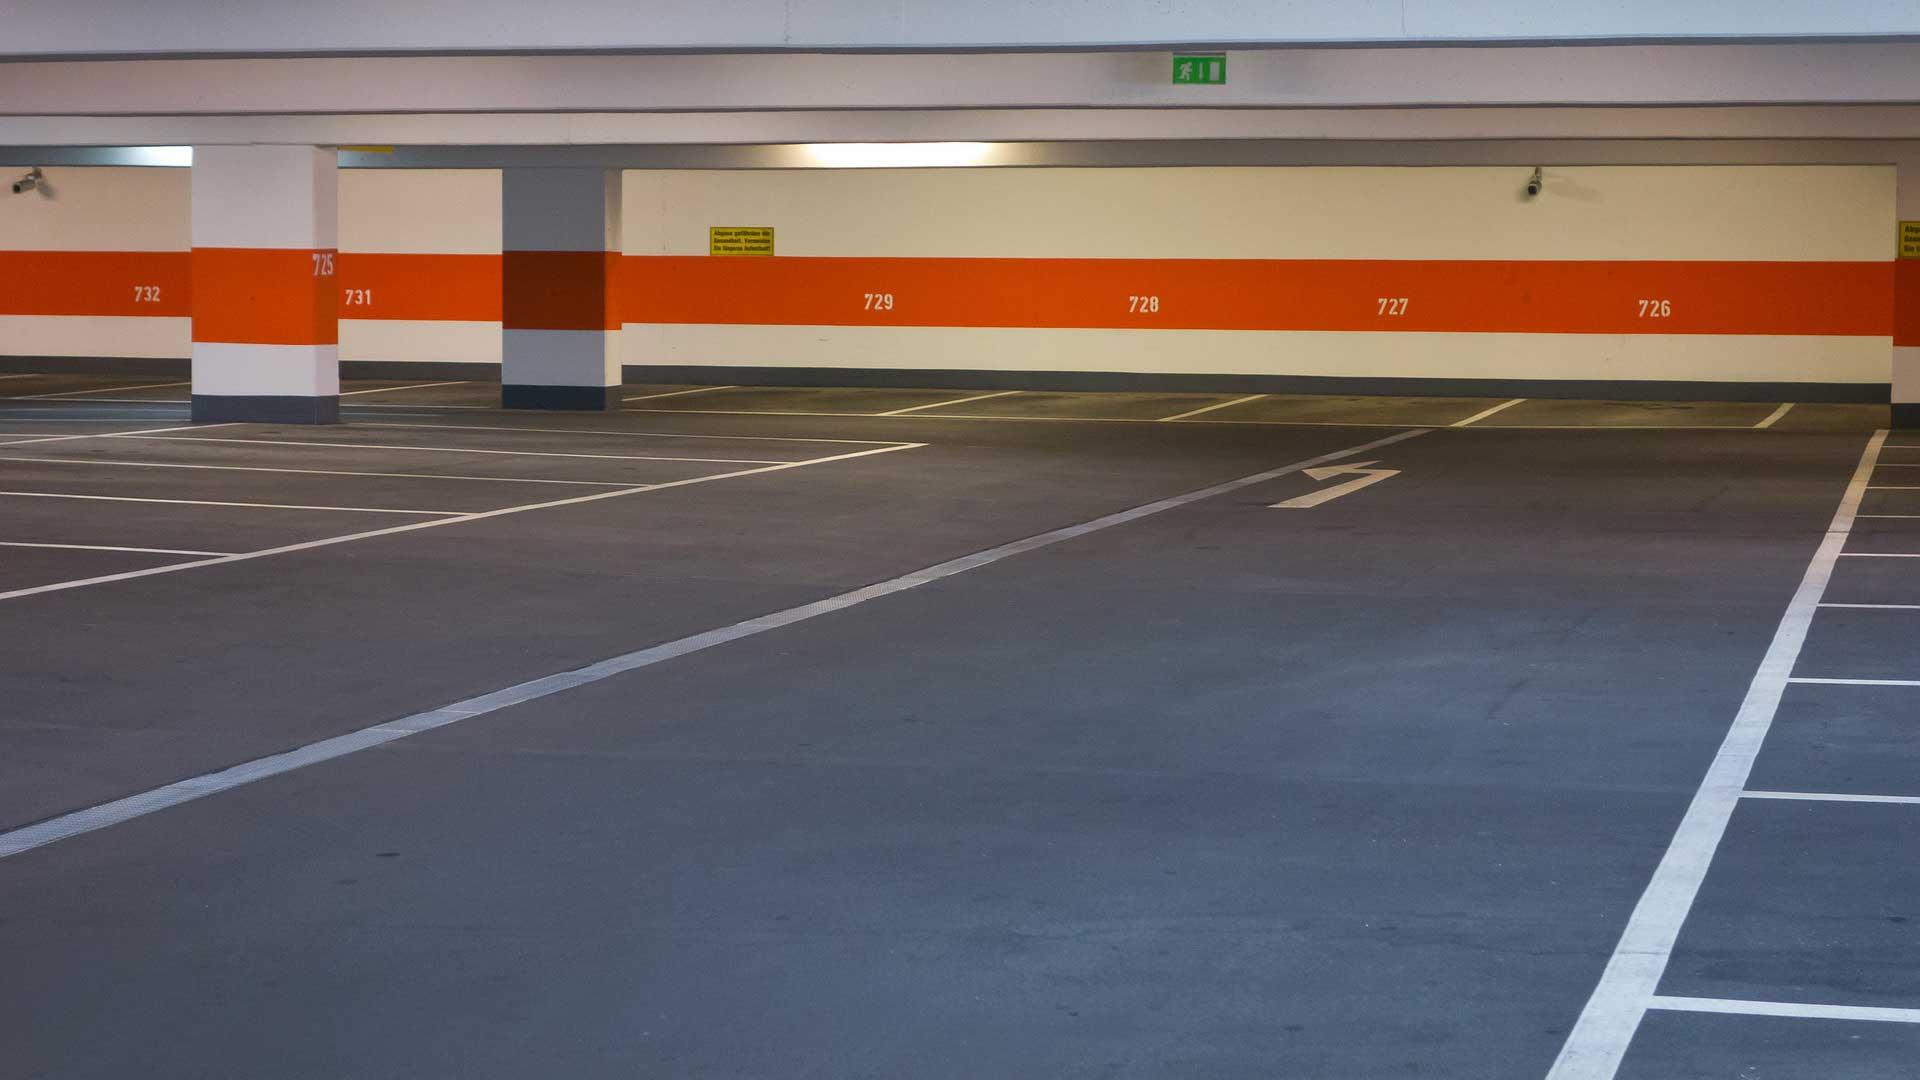 Parkhausreinigung